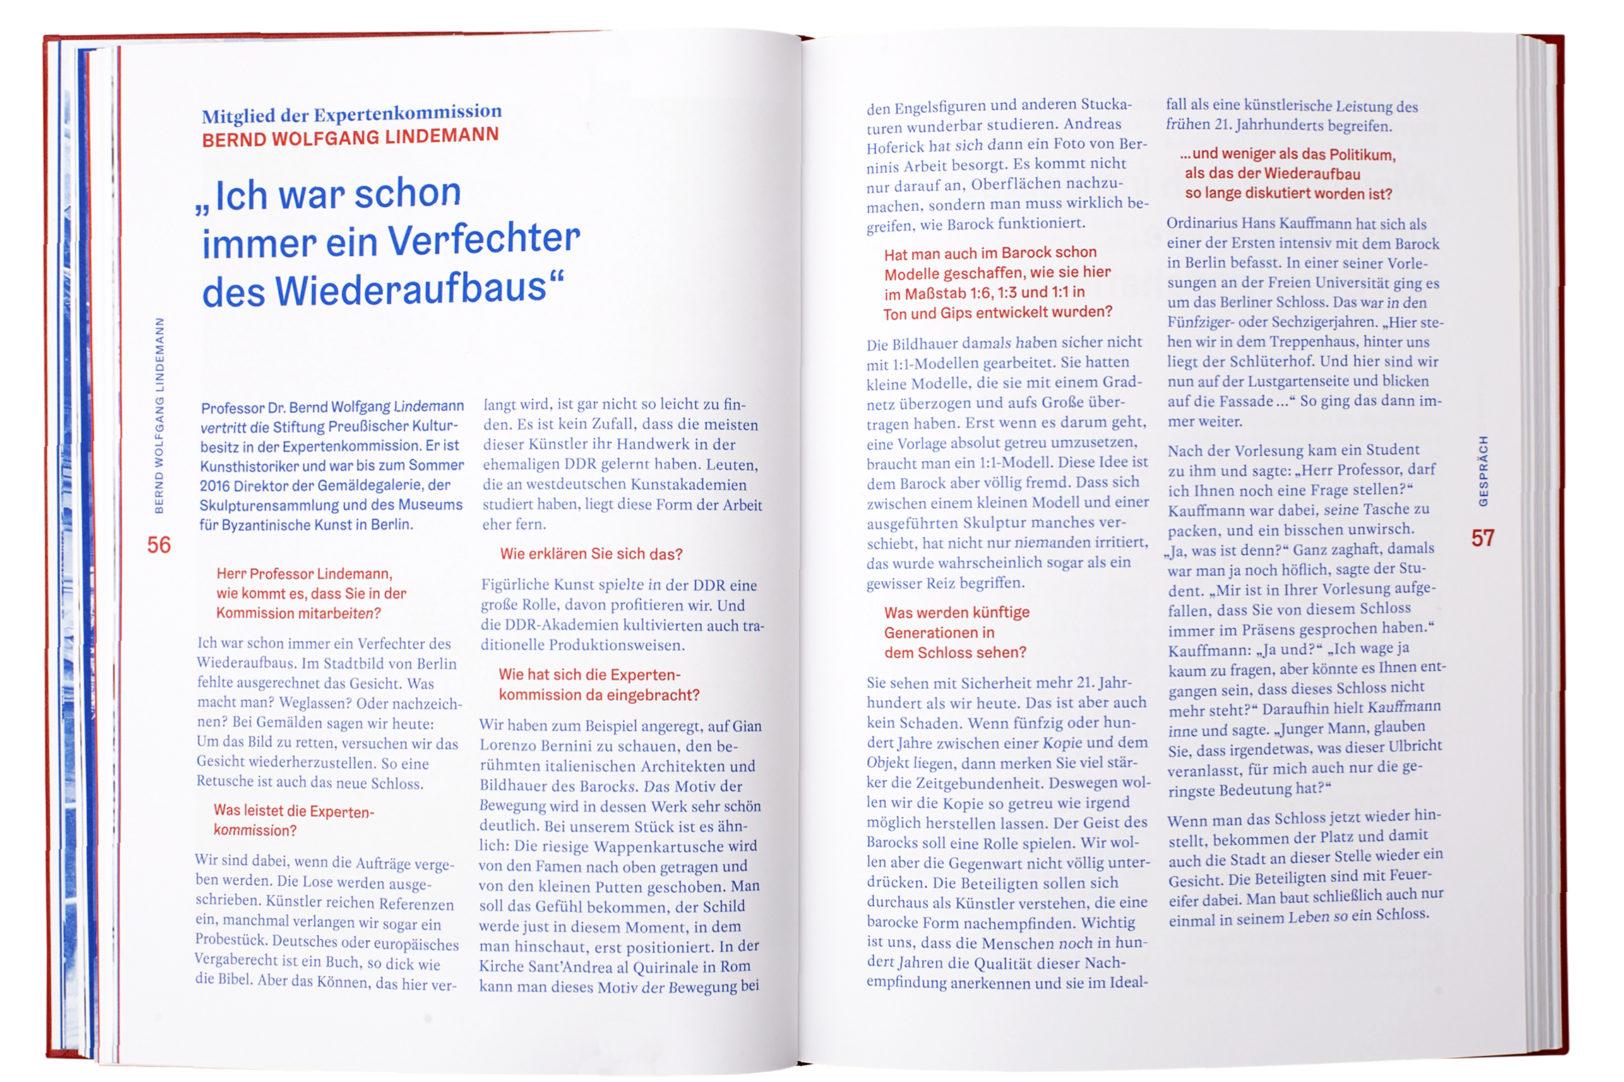 http://e-o-t.de/wordpress/wp-content/uploads/2018/07/eot-2017-Barock-Book-115.jpg